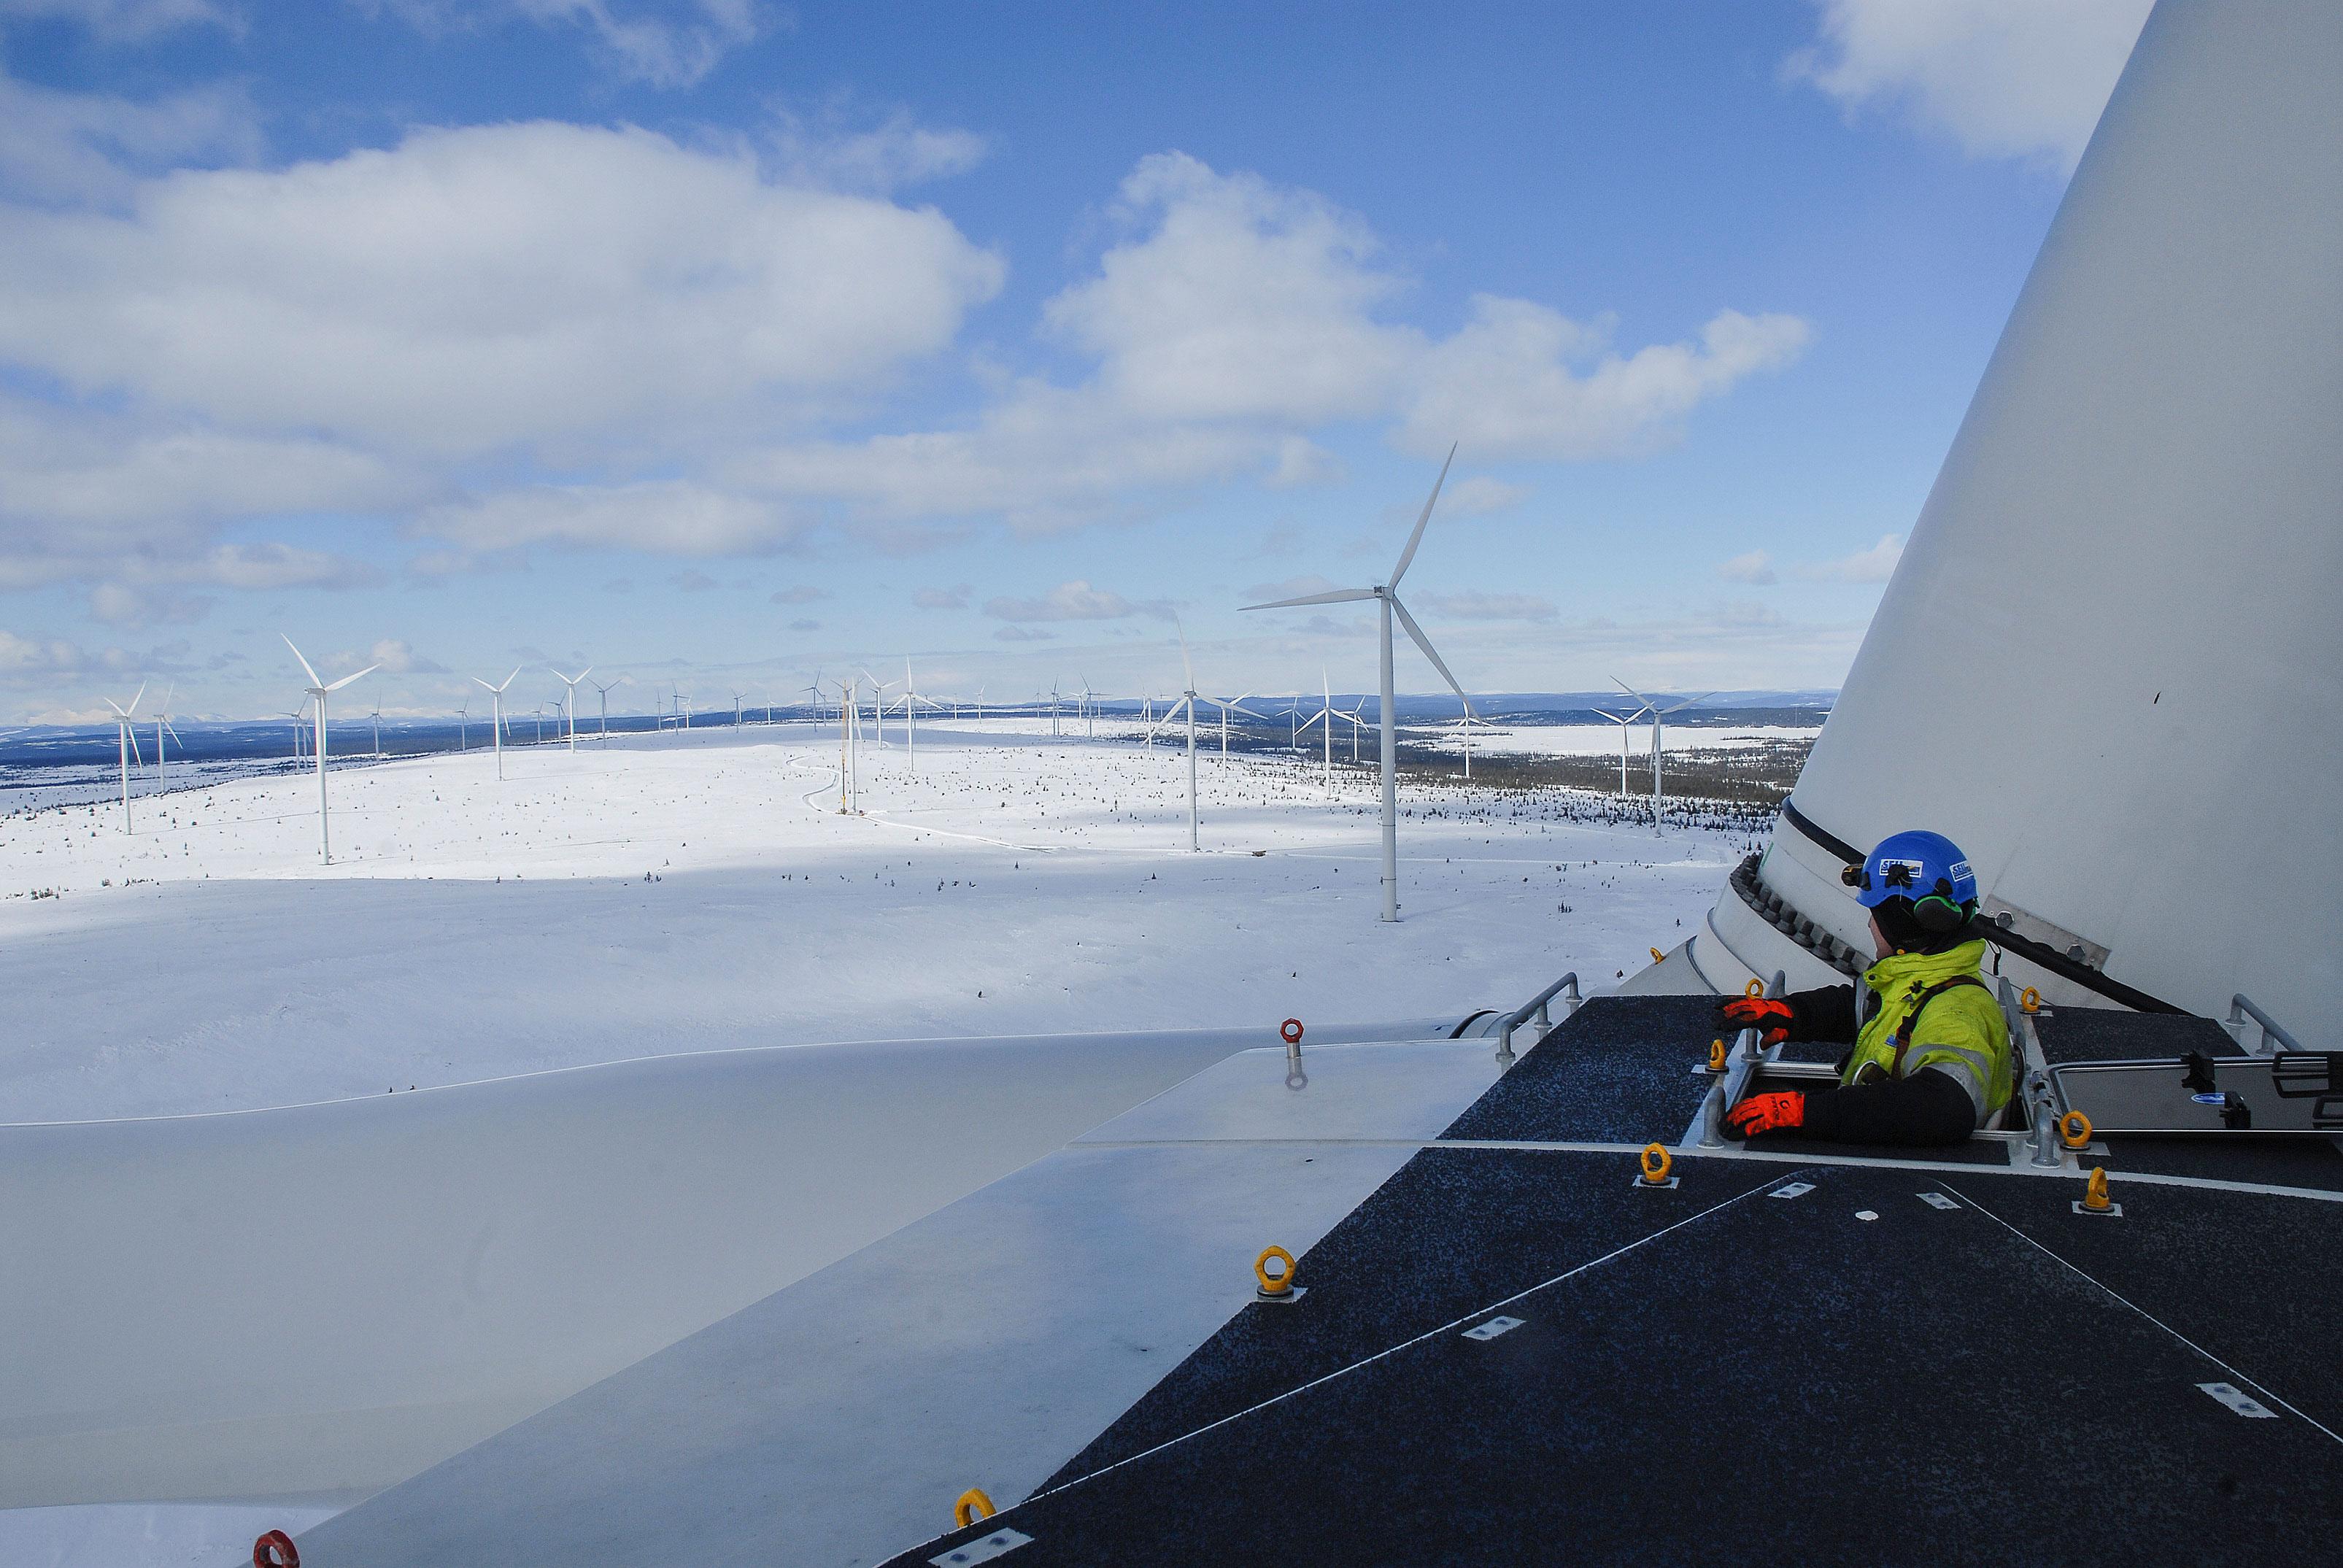 Ветроэнергетическая установка BlaikenVind расположена на севере Швеции, на 65-м градусе северной широты.